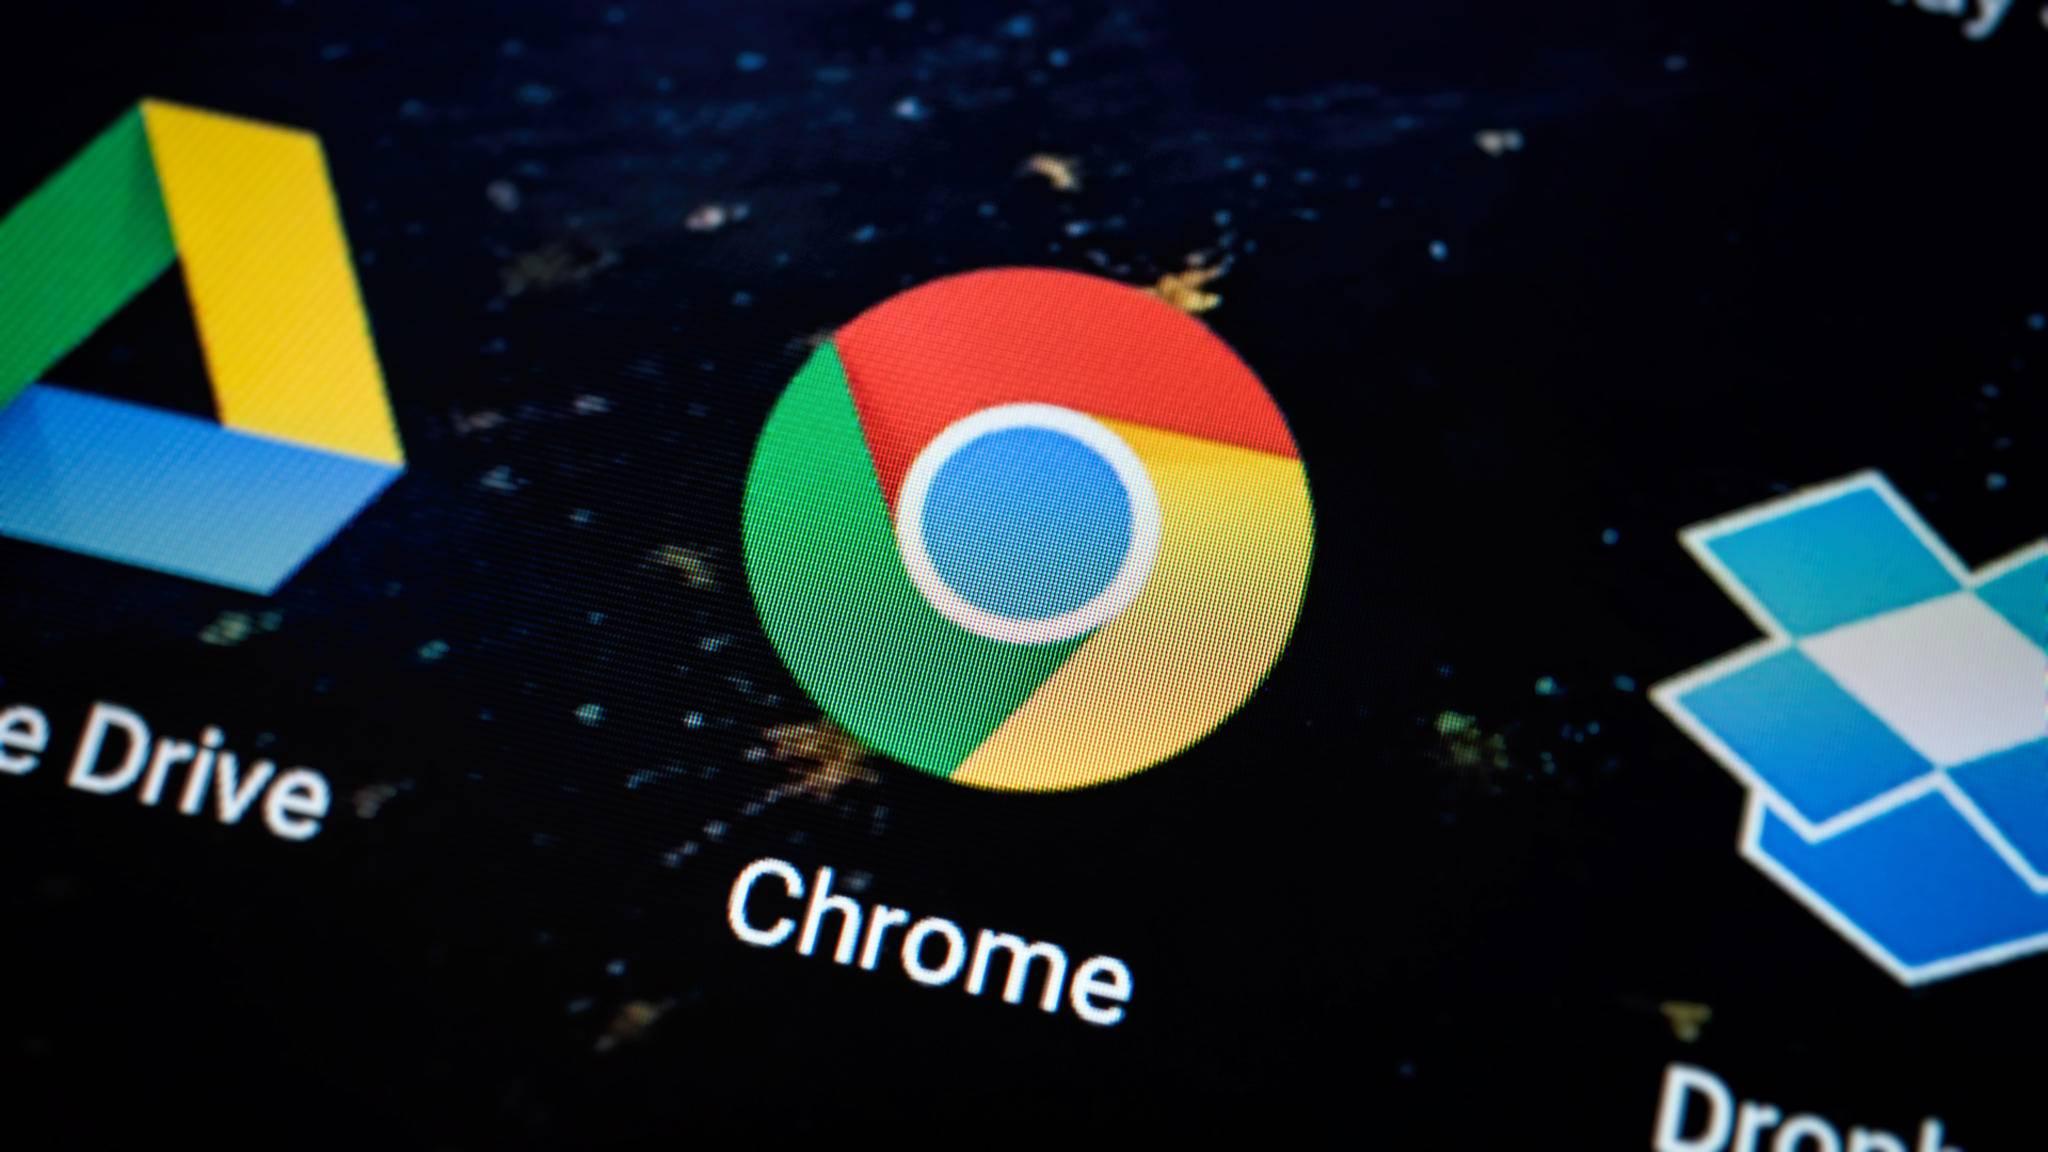 Nach der Android-Version wird endlich auch die iOS-Version von Chrome quelloffen.